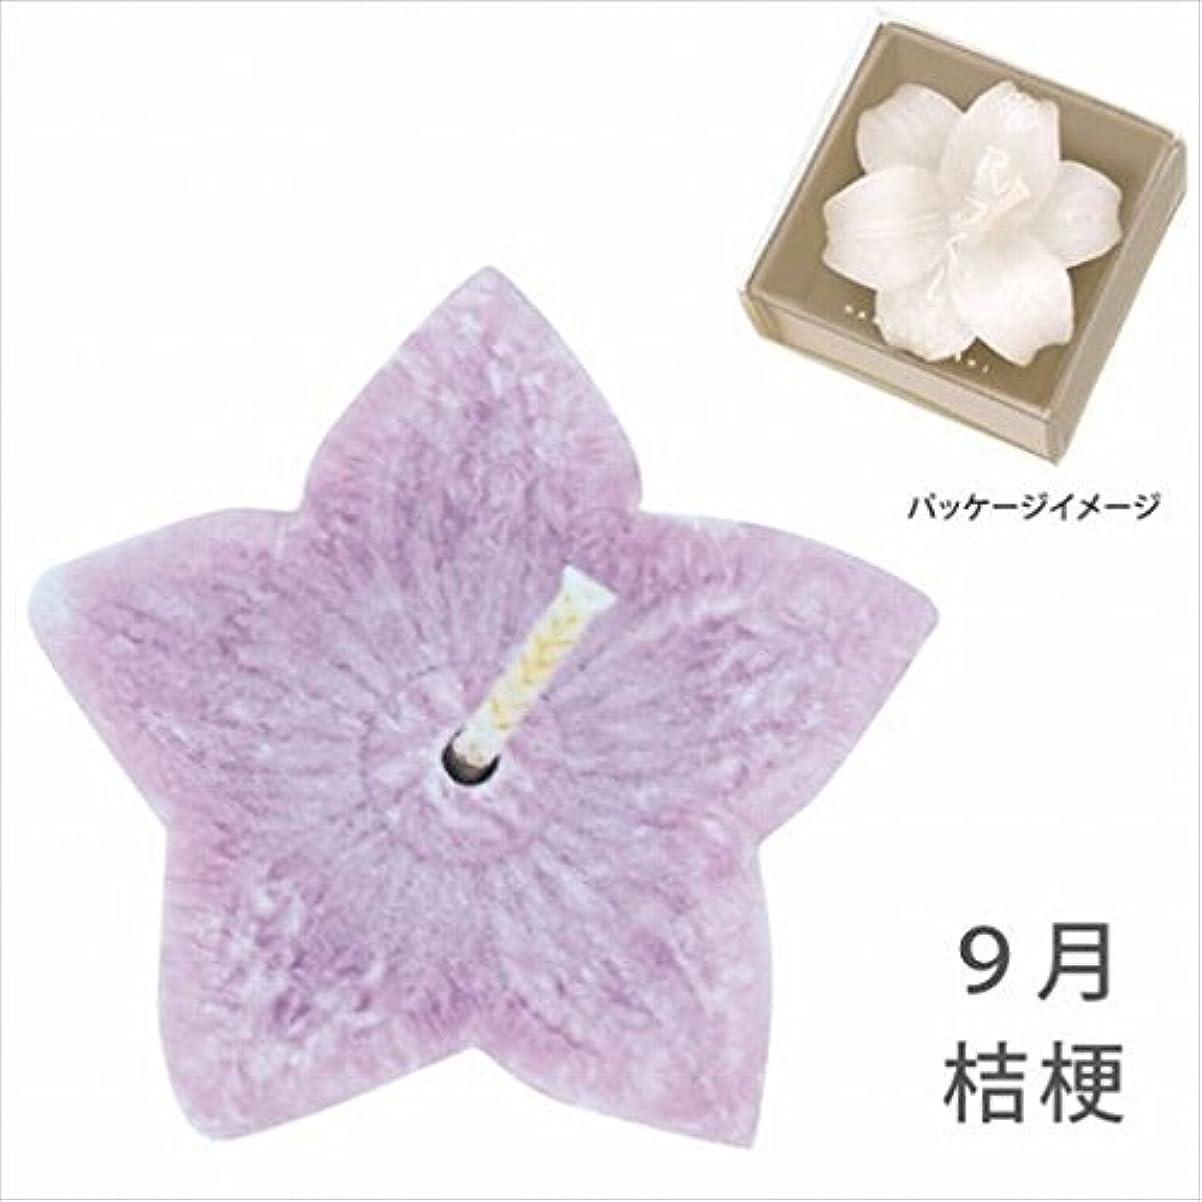 鳩インタラクションかもしれないカメヤマキャンドル( kameyama candle ) 花づくし(植物性) 桔梗 「 桔梗(9月) 」 キャンドル